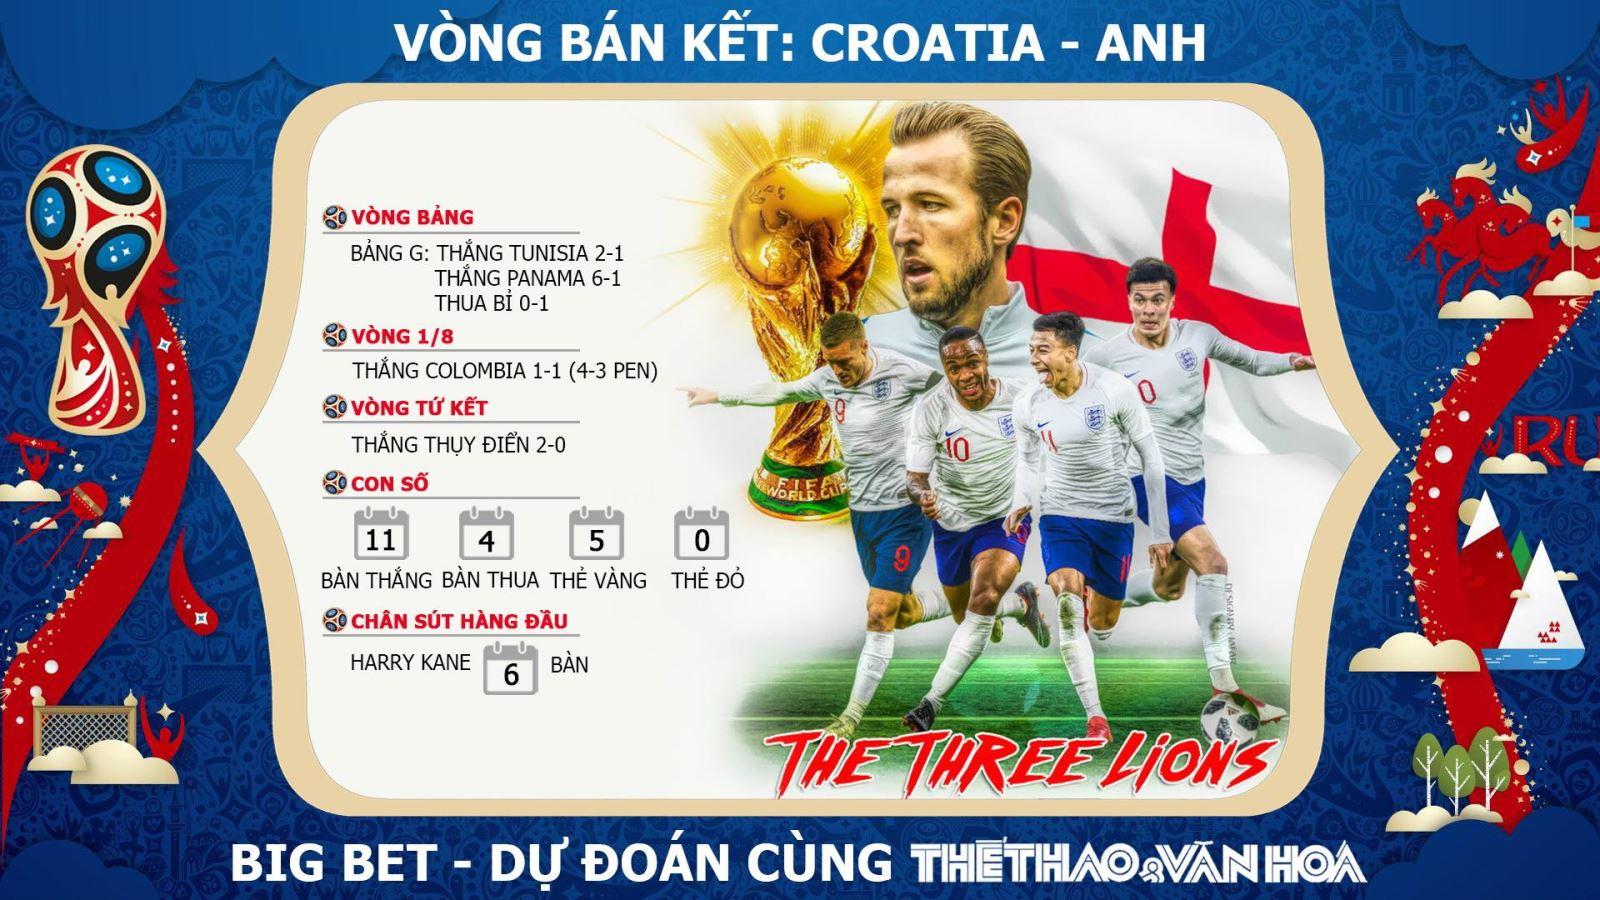 Soi kèo bán kết World Cup 2018: Croatia - Anh (1h00 ngày 12/7, trực tiếp VTV3 & VTV3 HD)